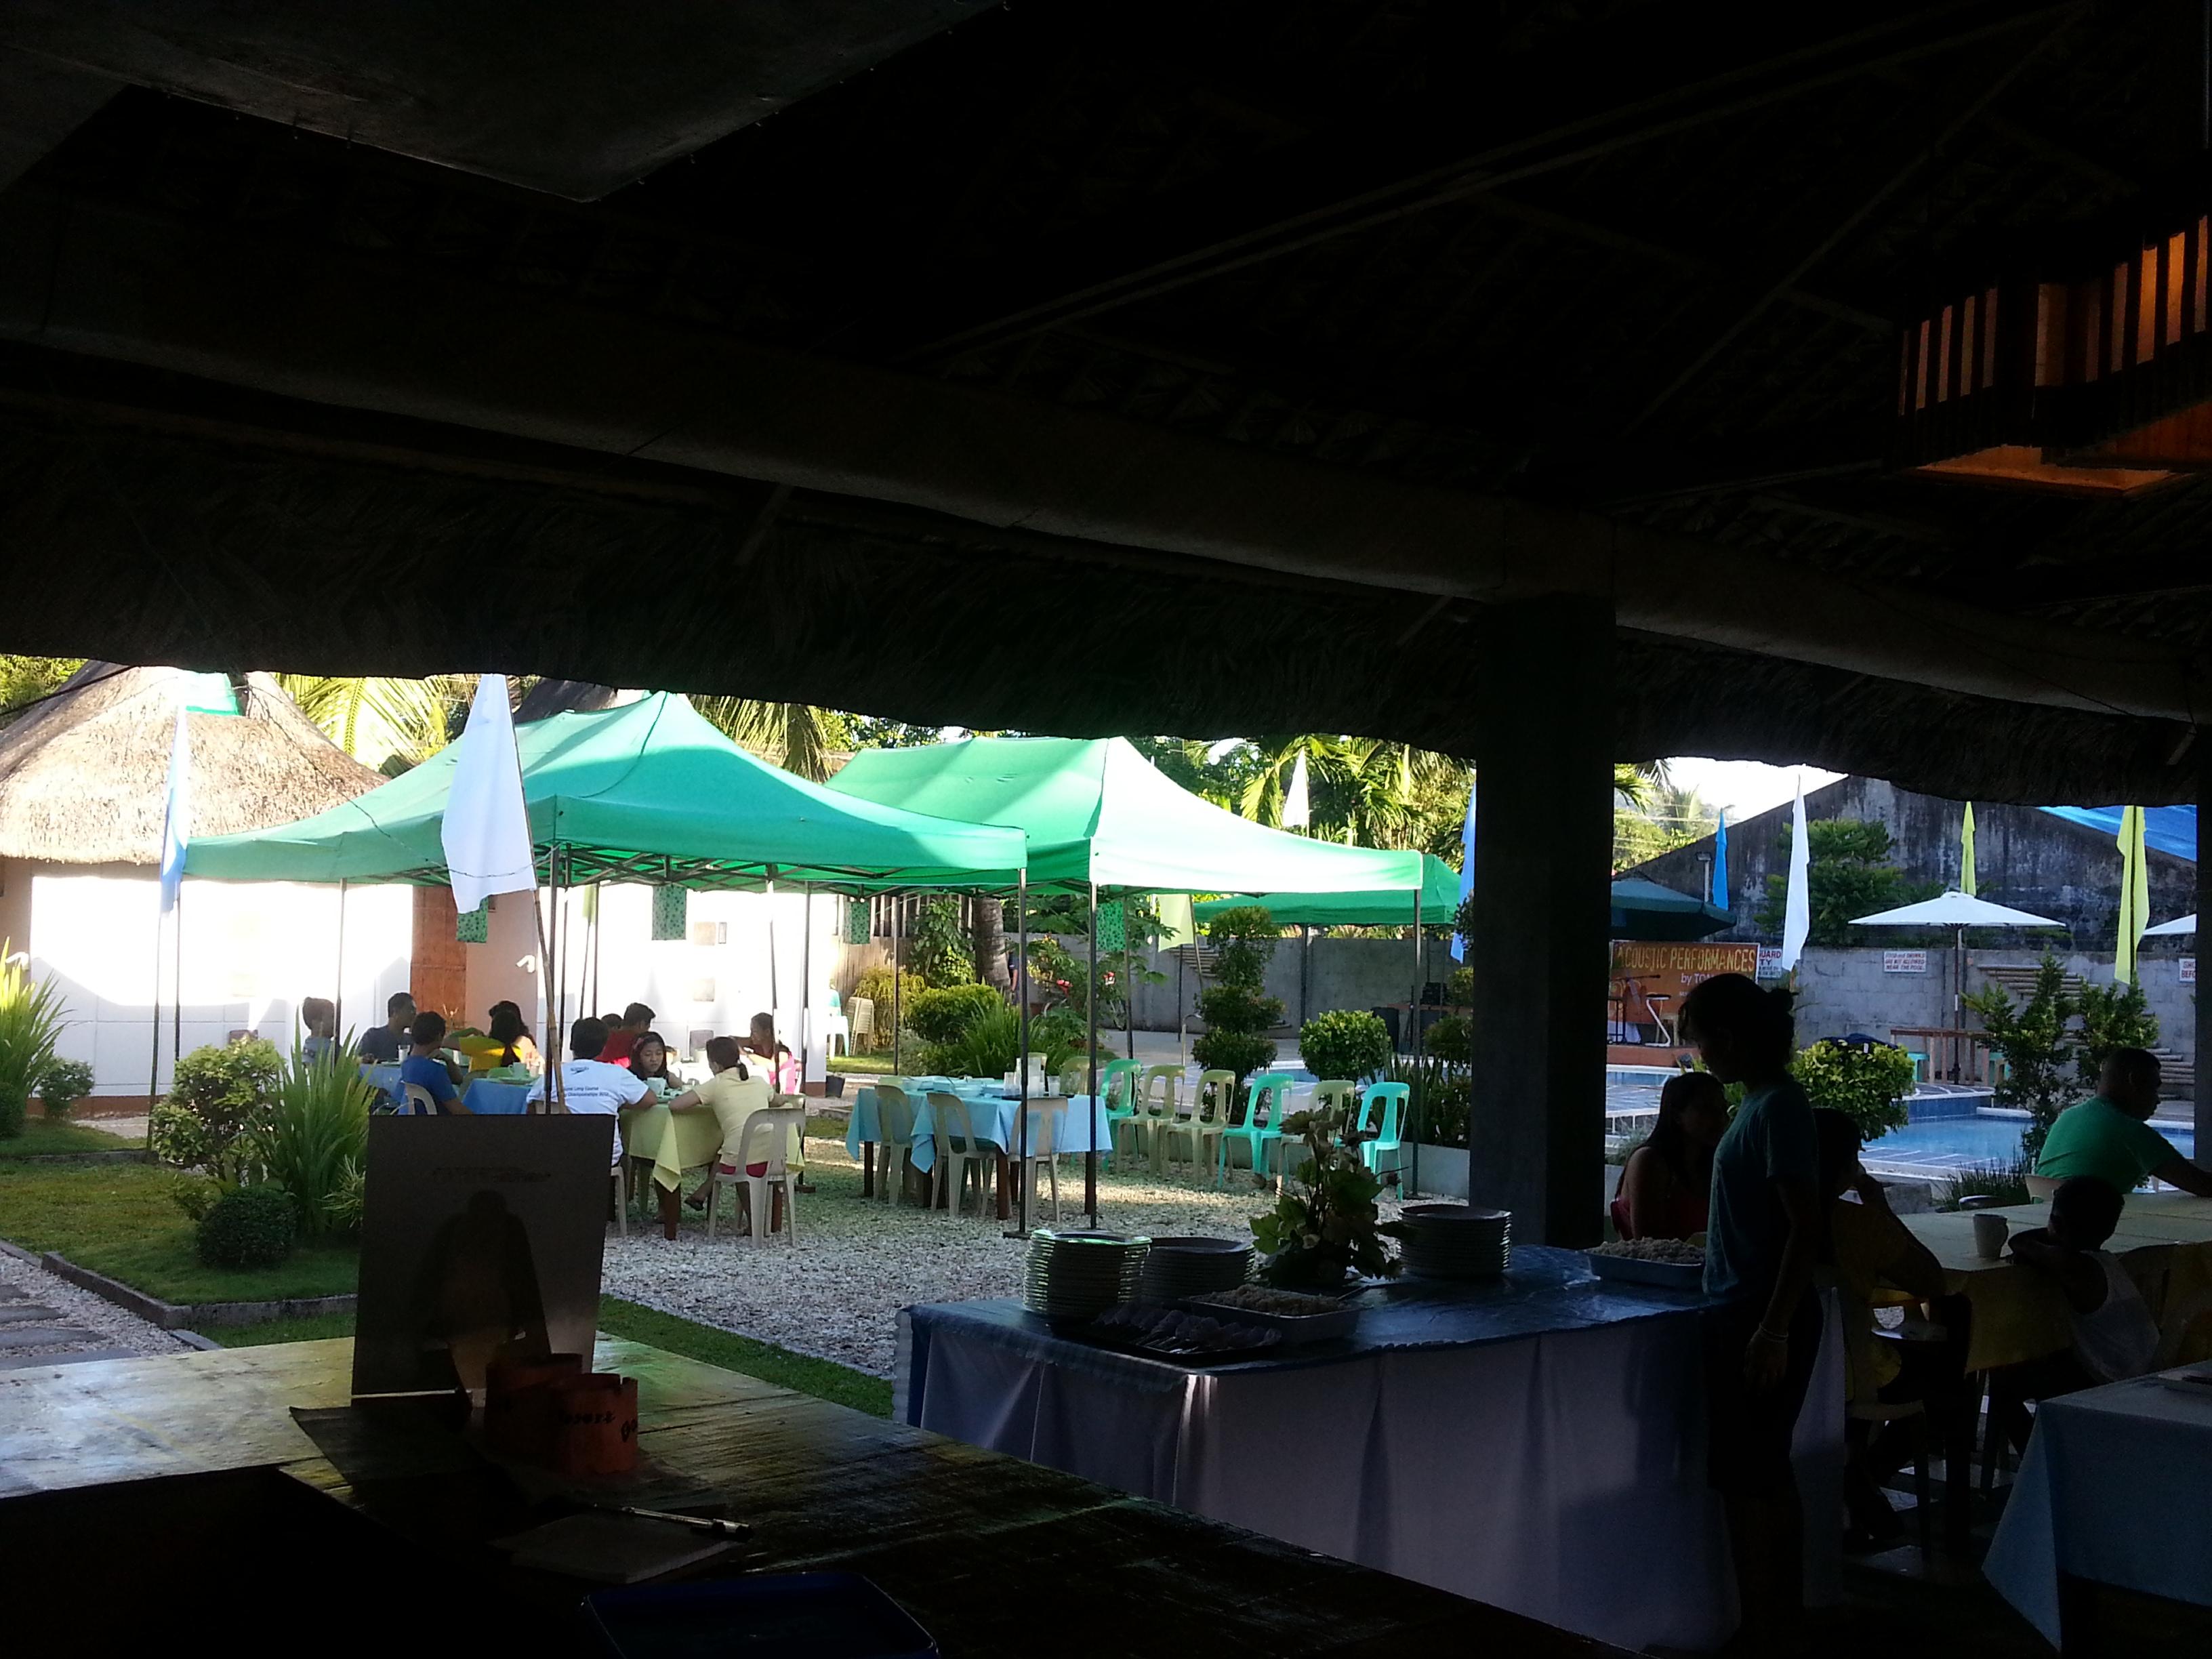 Bariw Mountain Resort